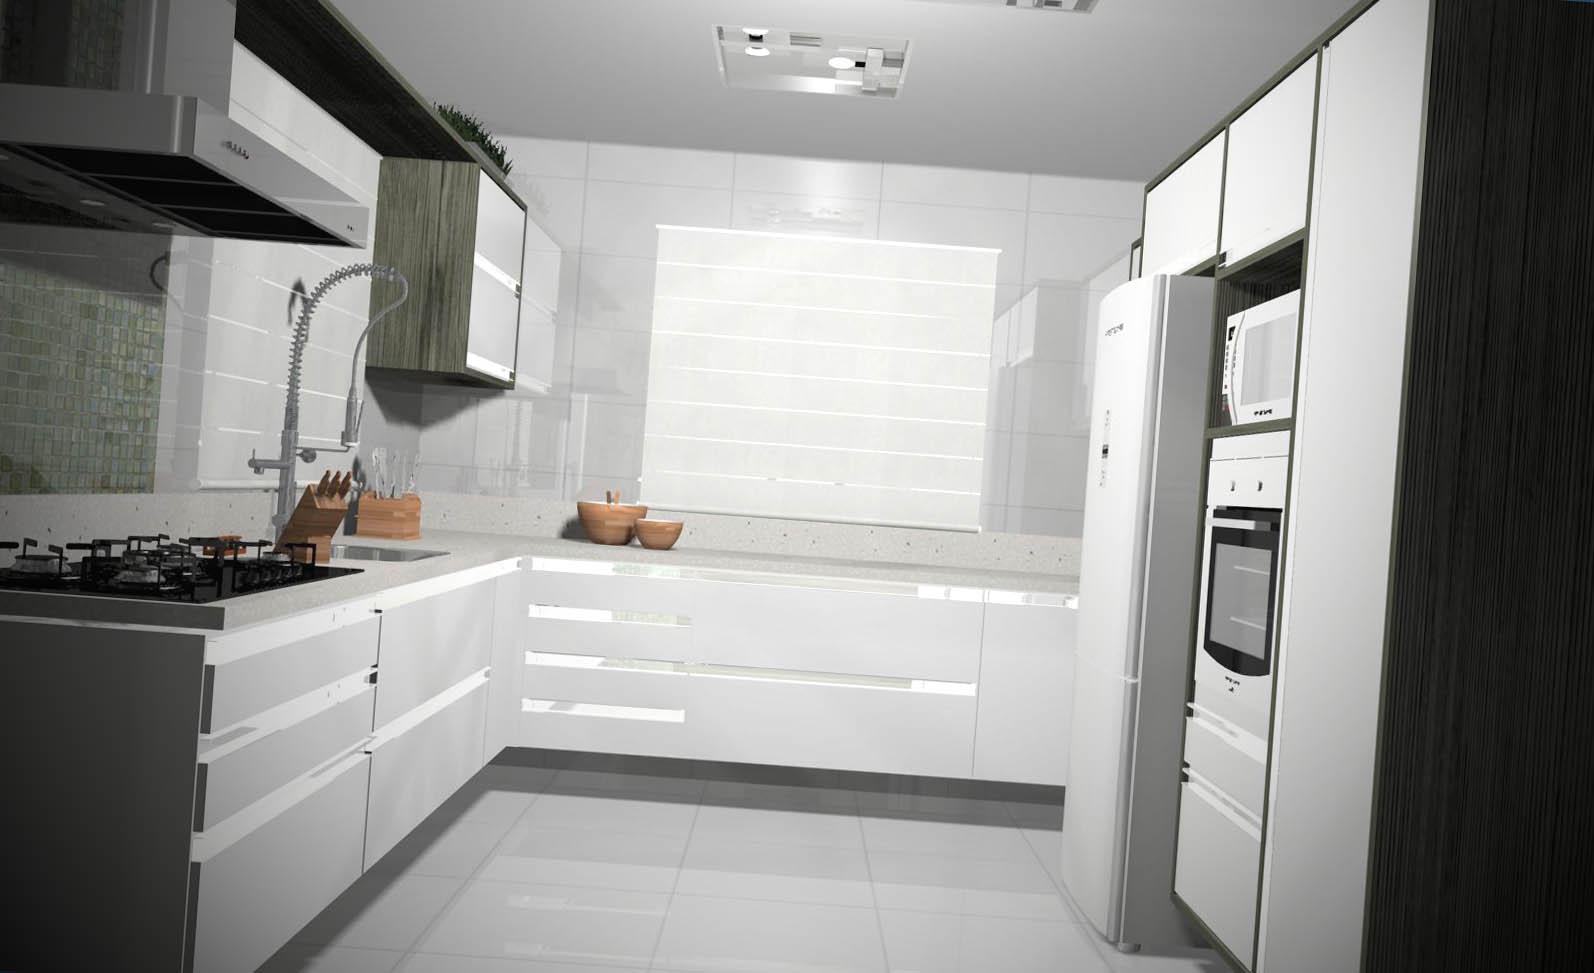 Projetos de Cozinhas Modernas Projetos de Cozinhas Modernas #826149 1594 973